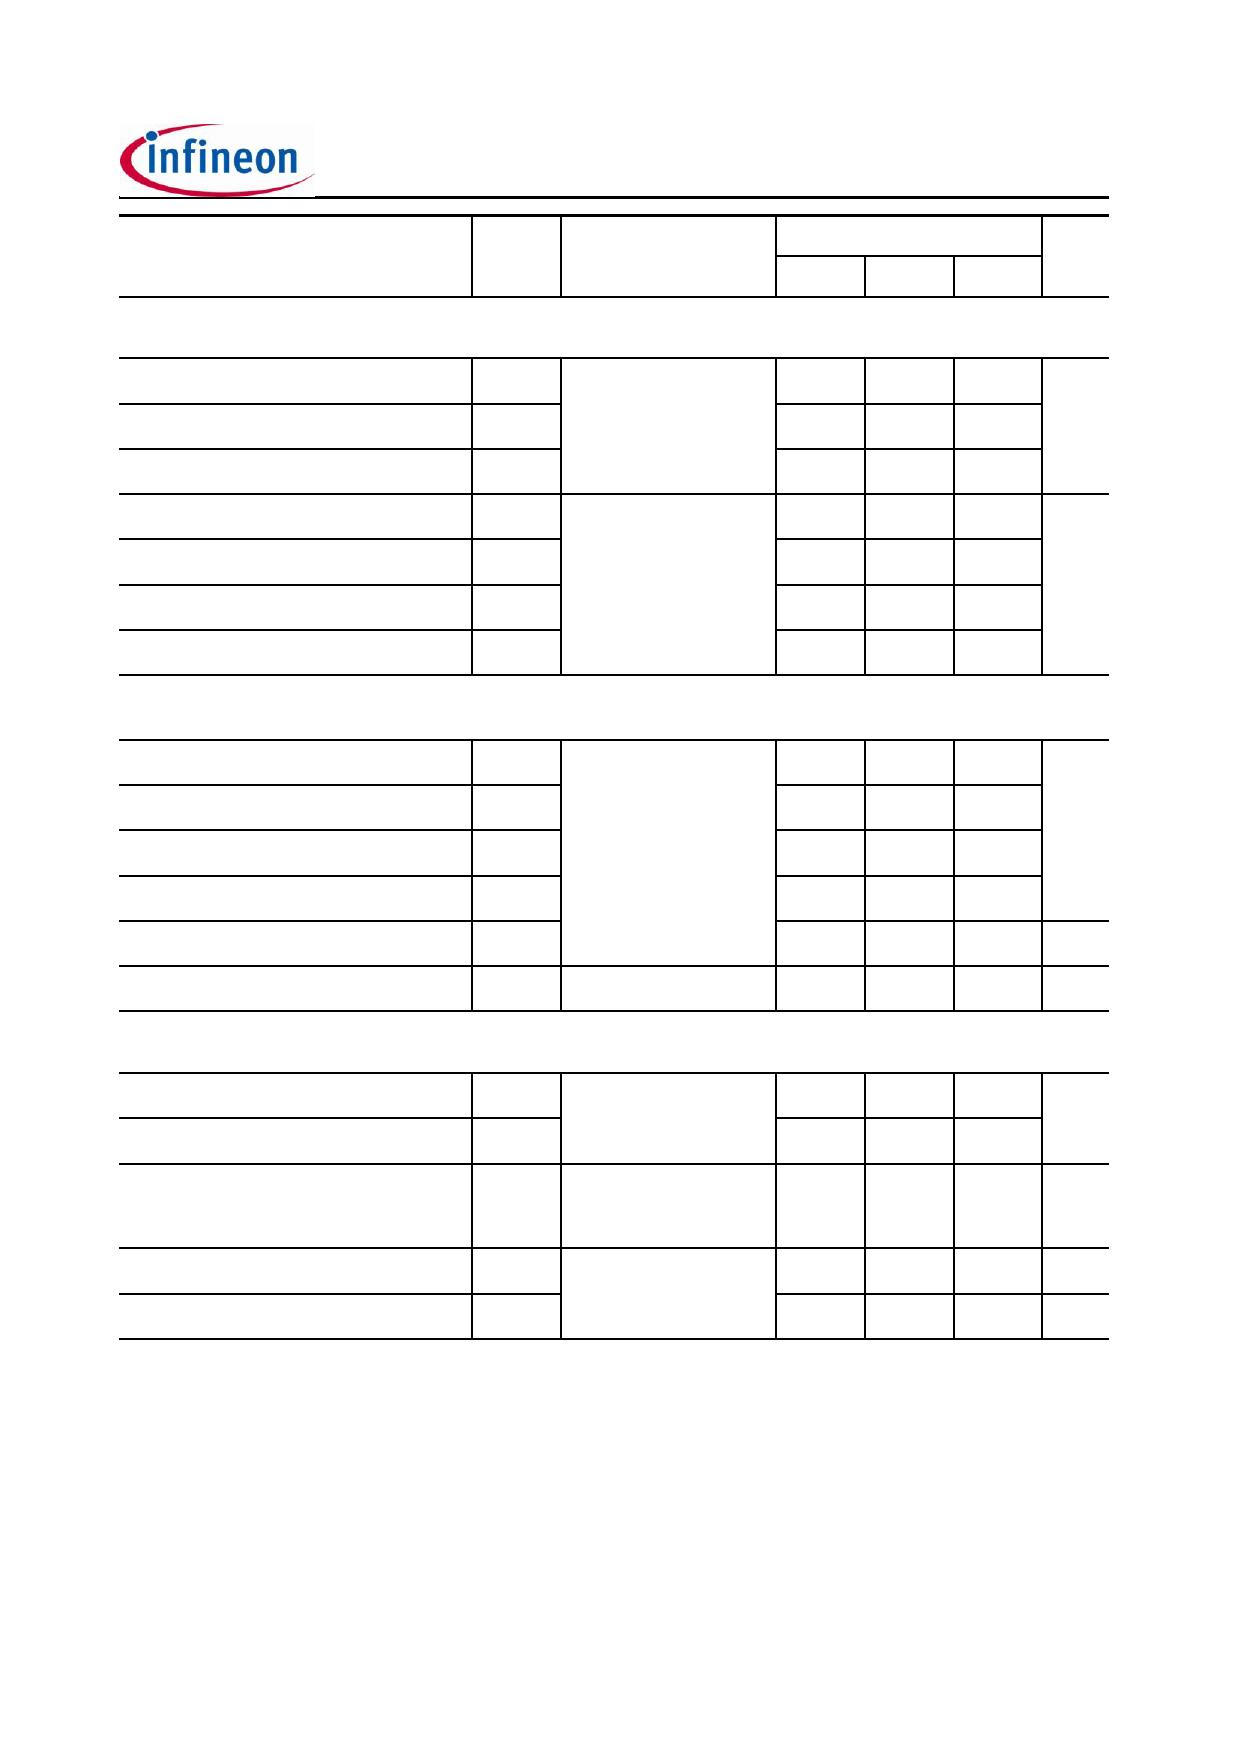 IPB34CN10NG pdf, ピン配列